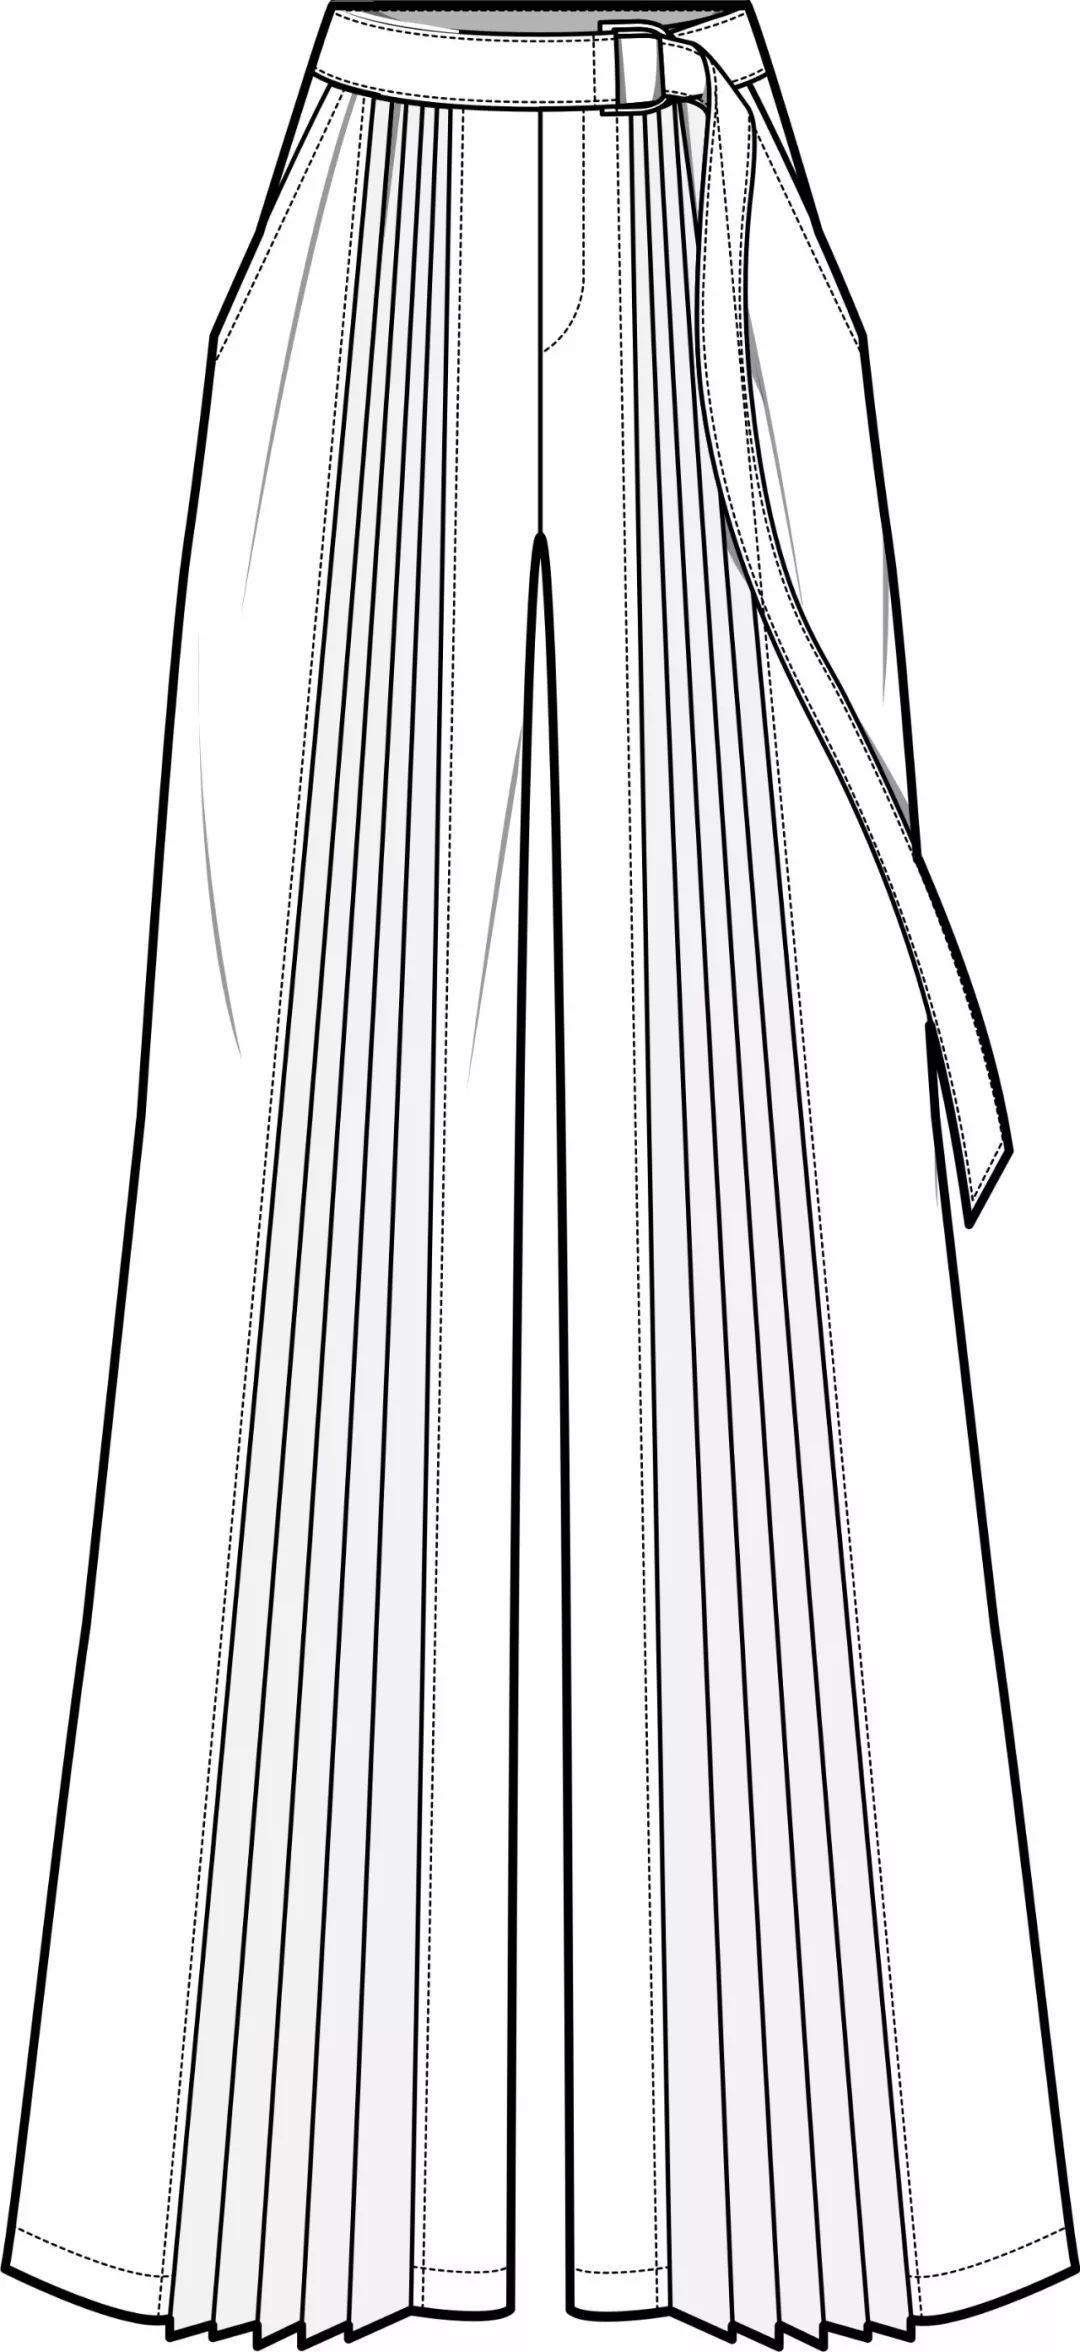 简笔画 设计图 手绘 线稿 1080_2352 竖版 竖屏